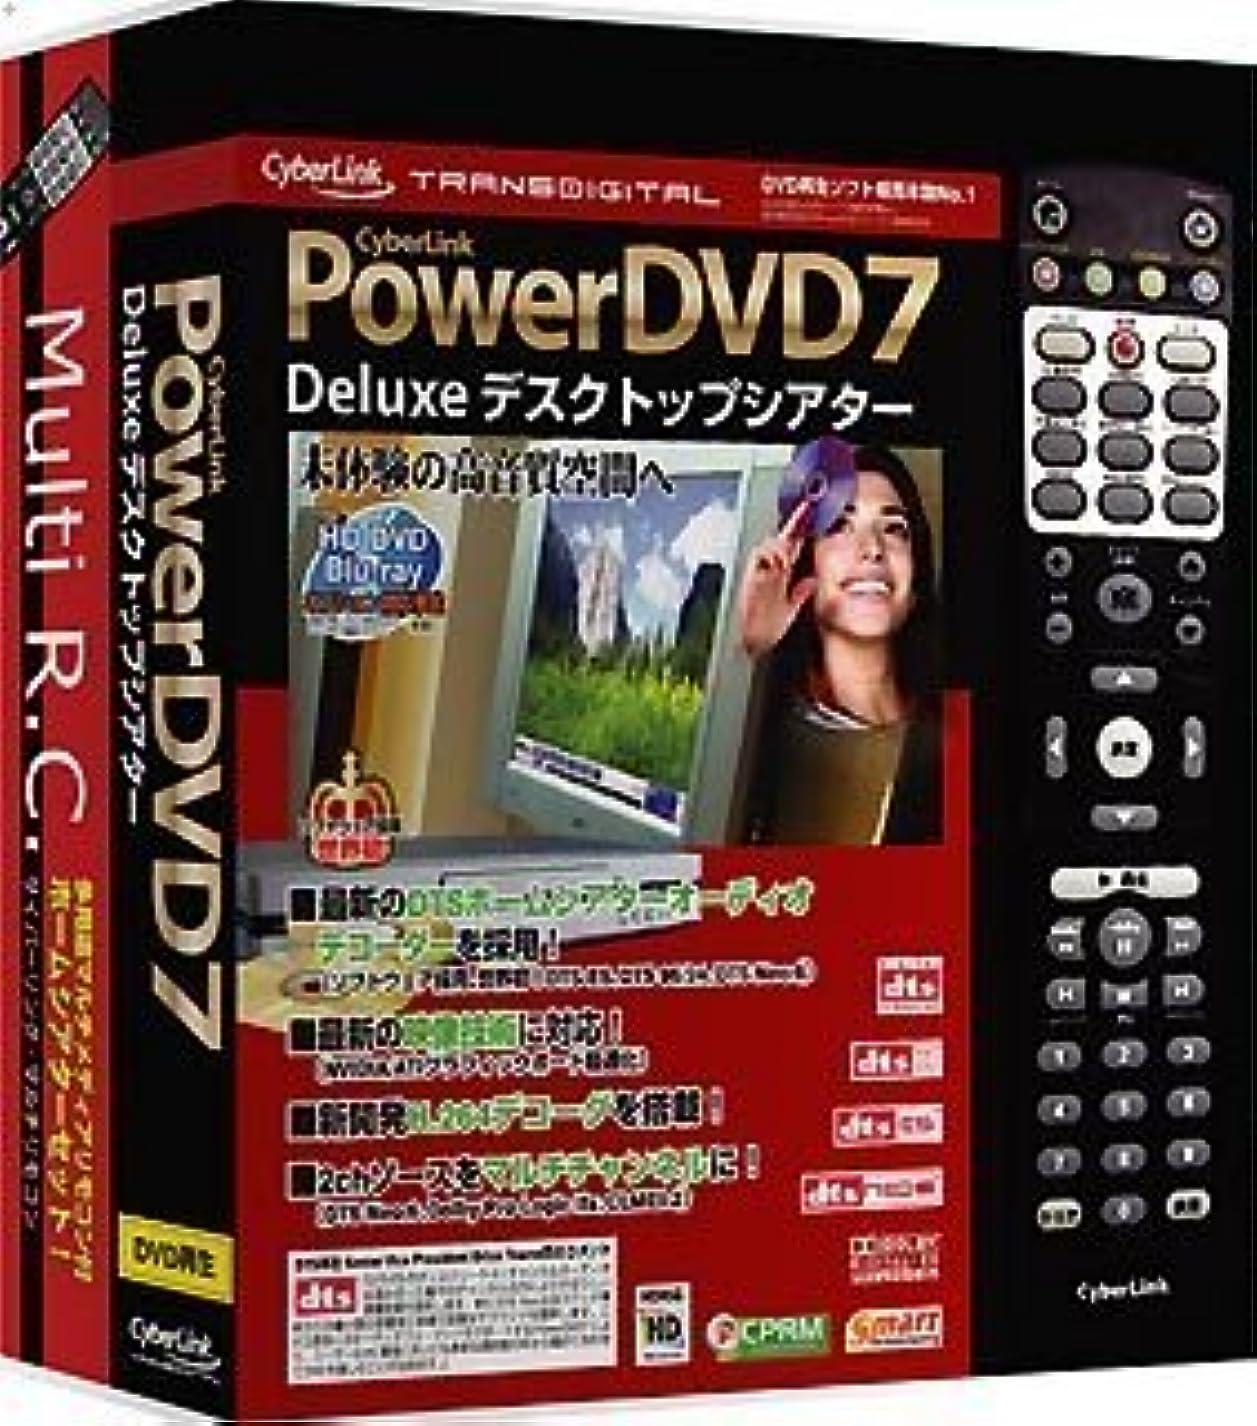 バイオリニスト誇張する覚醒PowerDVD 7 DX デスクトップシアター マルチリモコン版